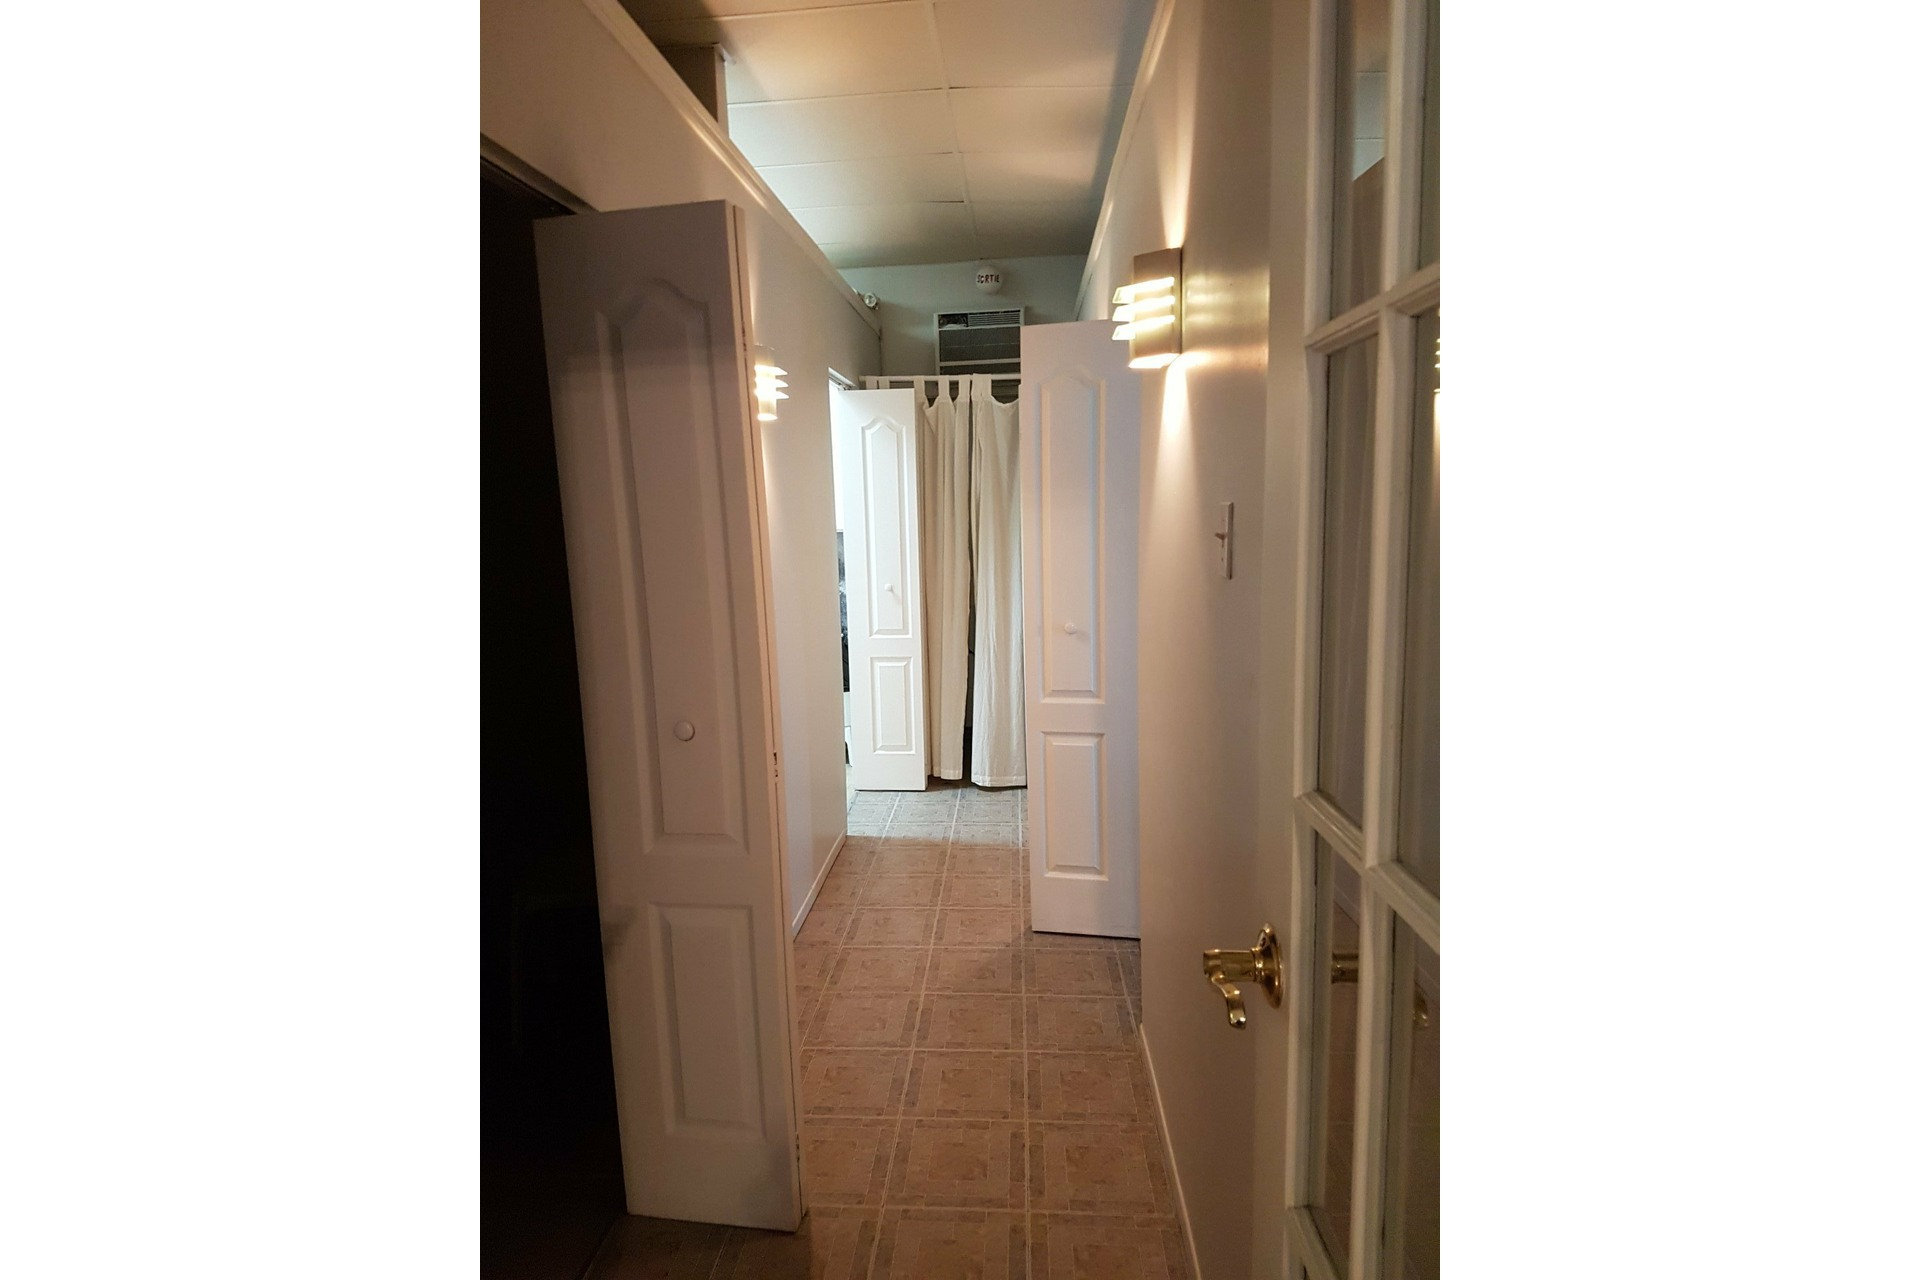 image 33 - Triplex For sale Le Sud-Ouest Montréal  - 4 rooms